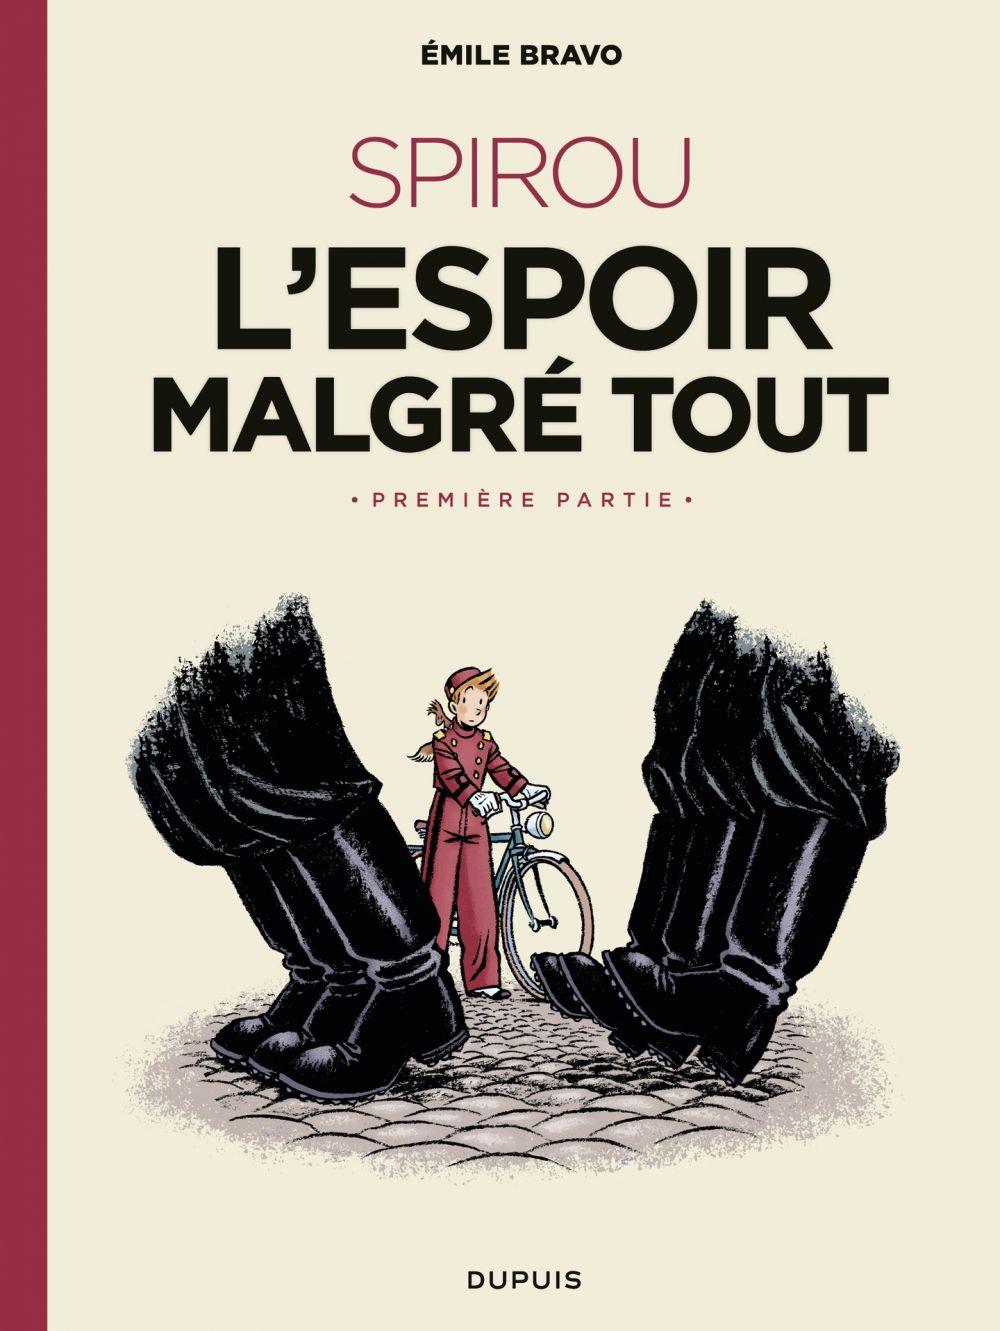 Le Spirou d'Emile Bravo - tome 2 - SPIROU ou l'espoir malgré tout (Première partie)